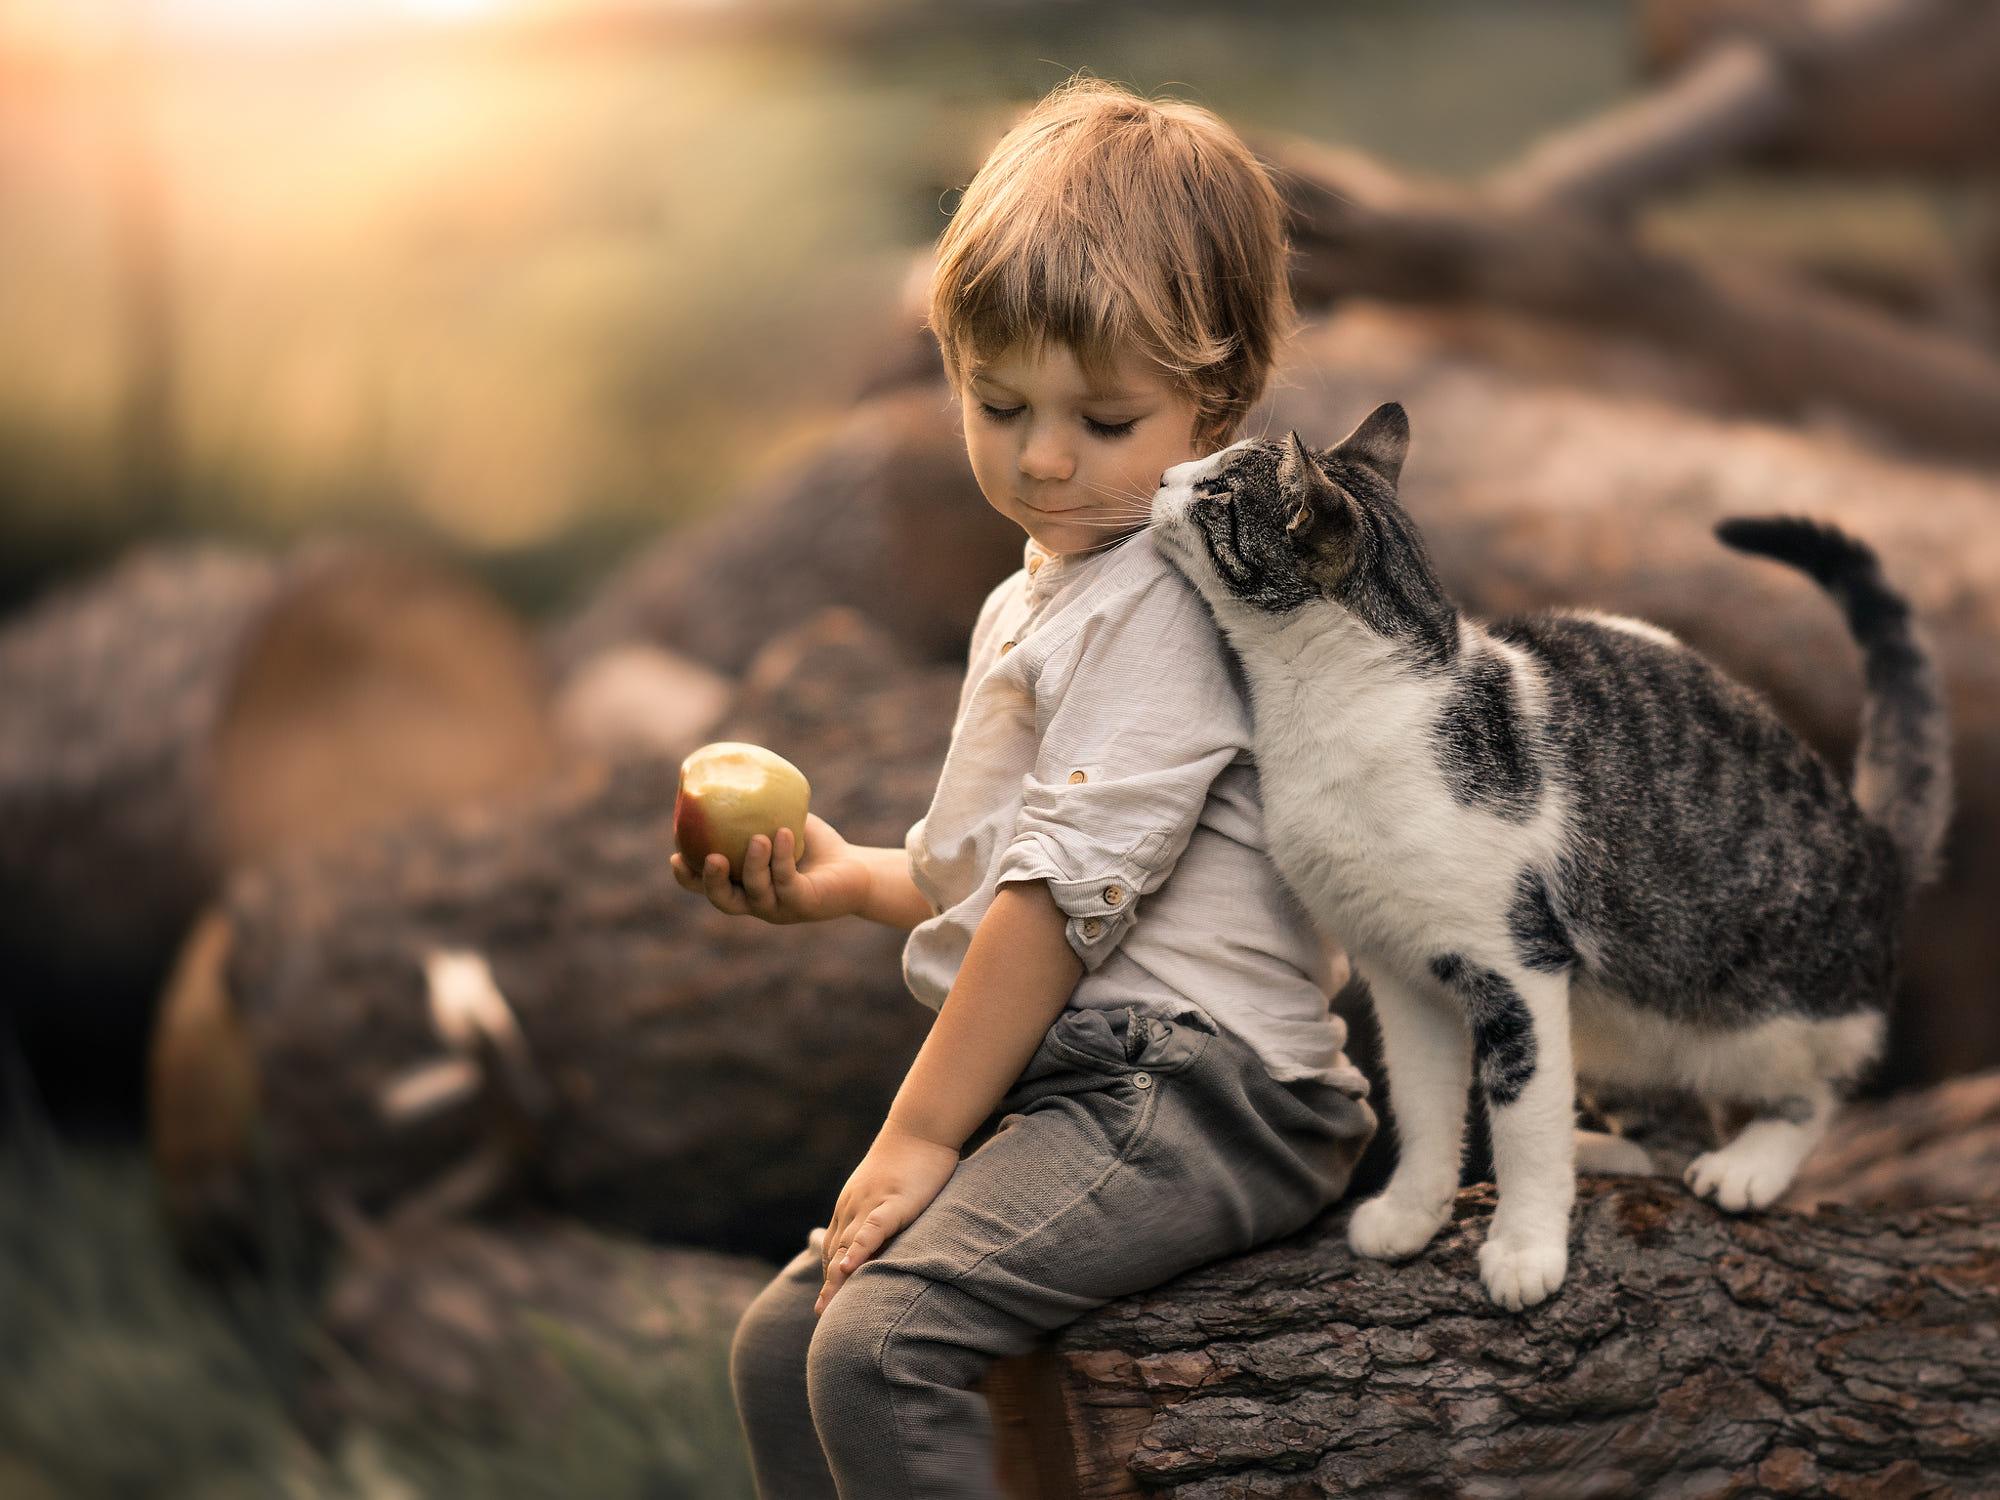 Картинки дети с животными на руках, показал язык прикол